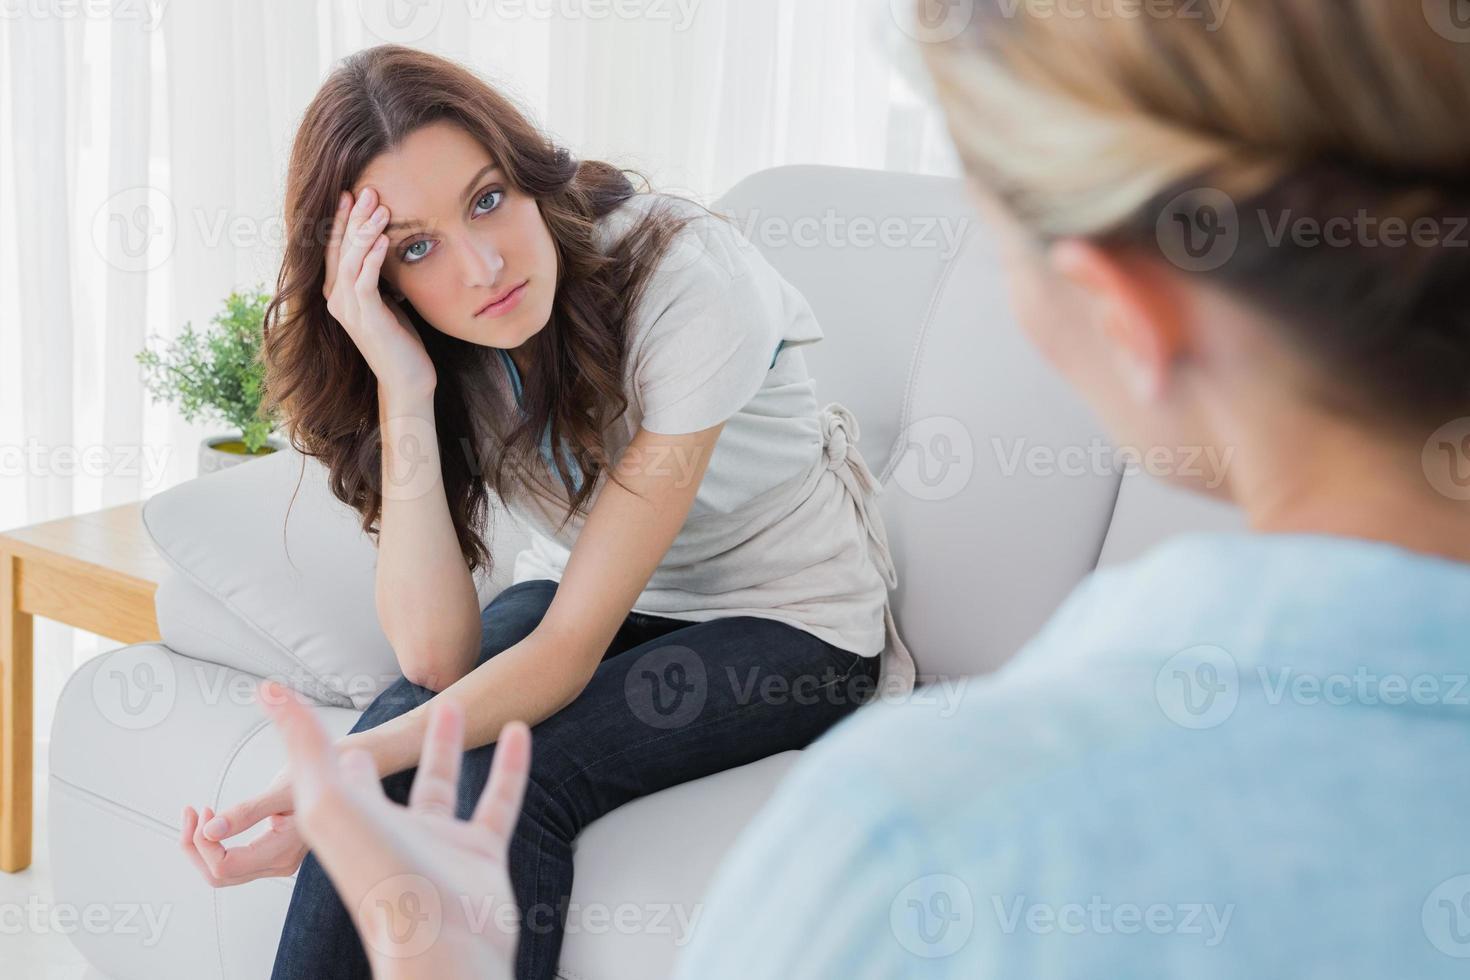 femme inquiète assise et regardant la caméra pendant la thérapie photo